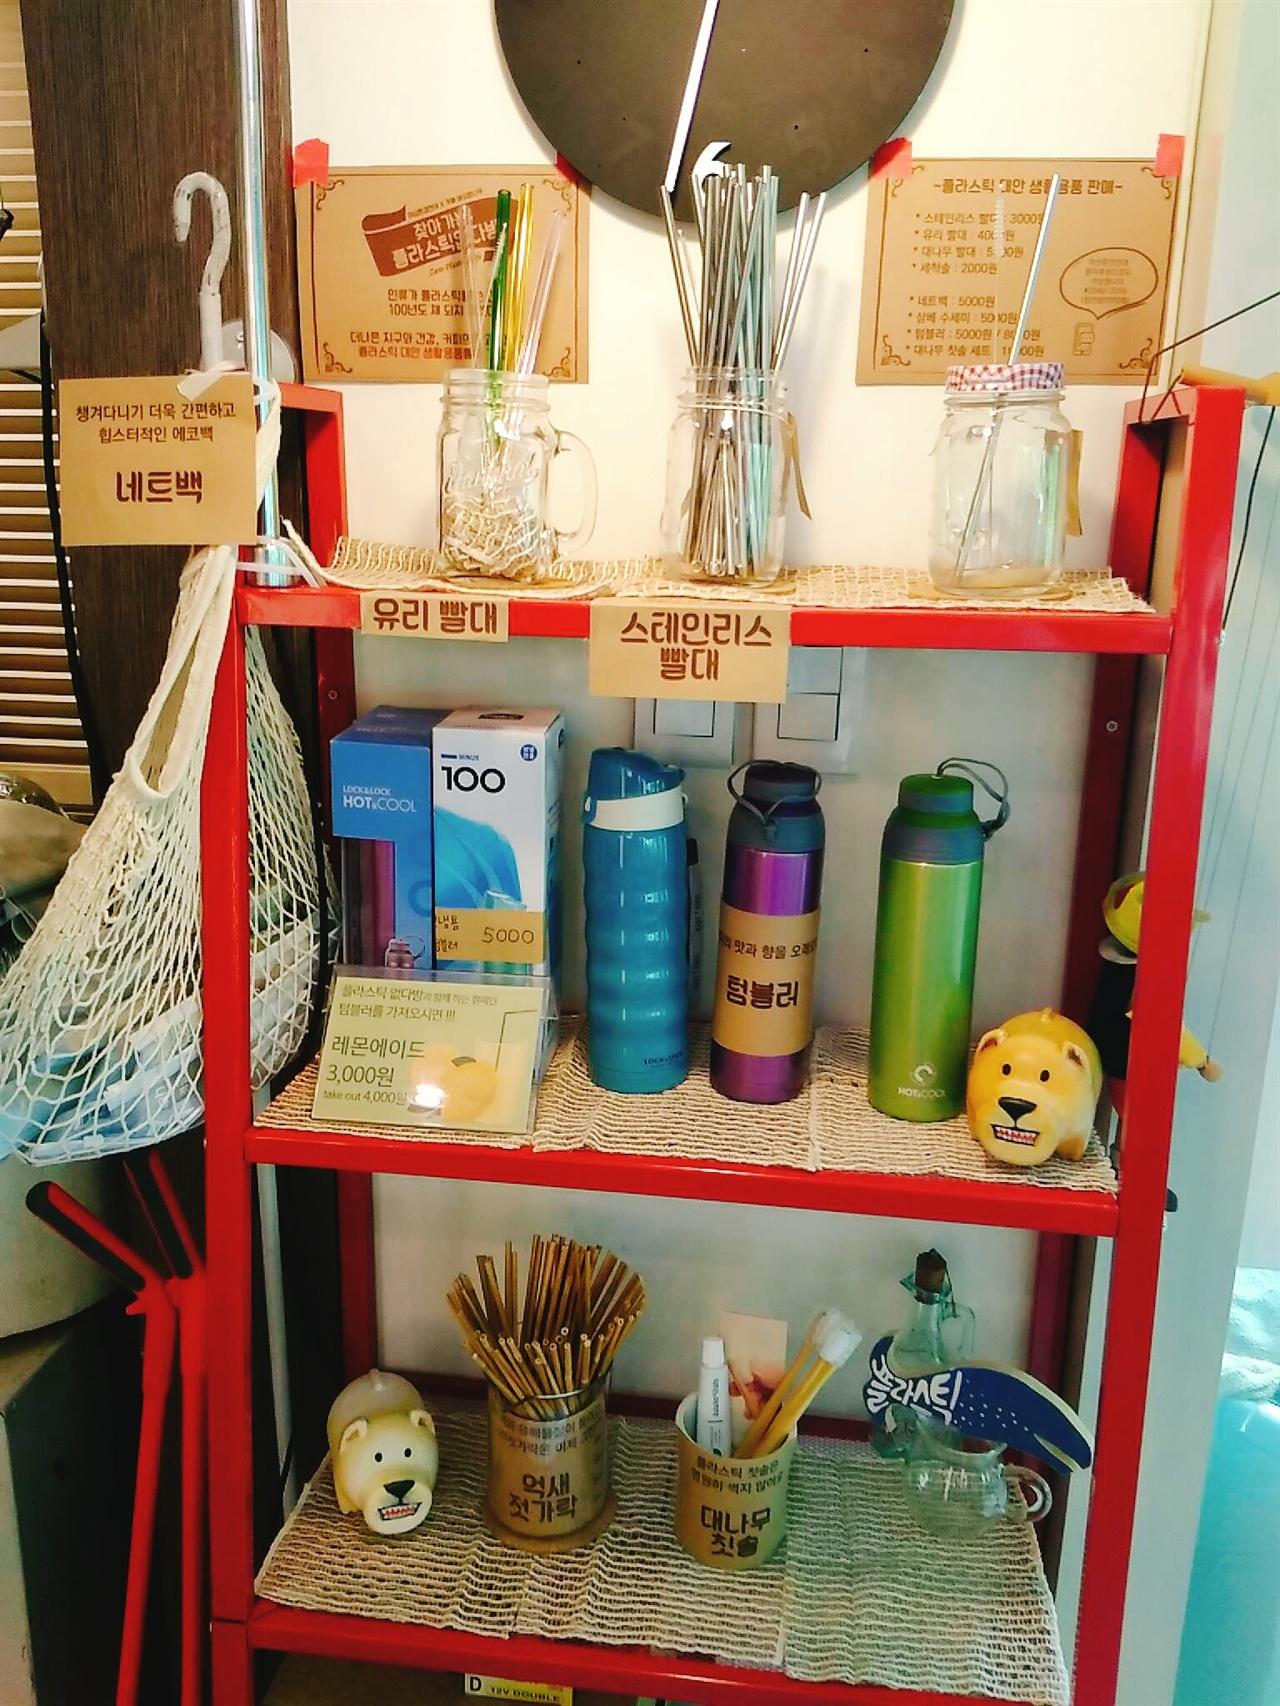 플라스틱 대안생활용품 전시 코너